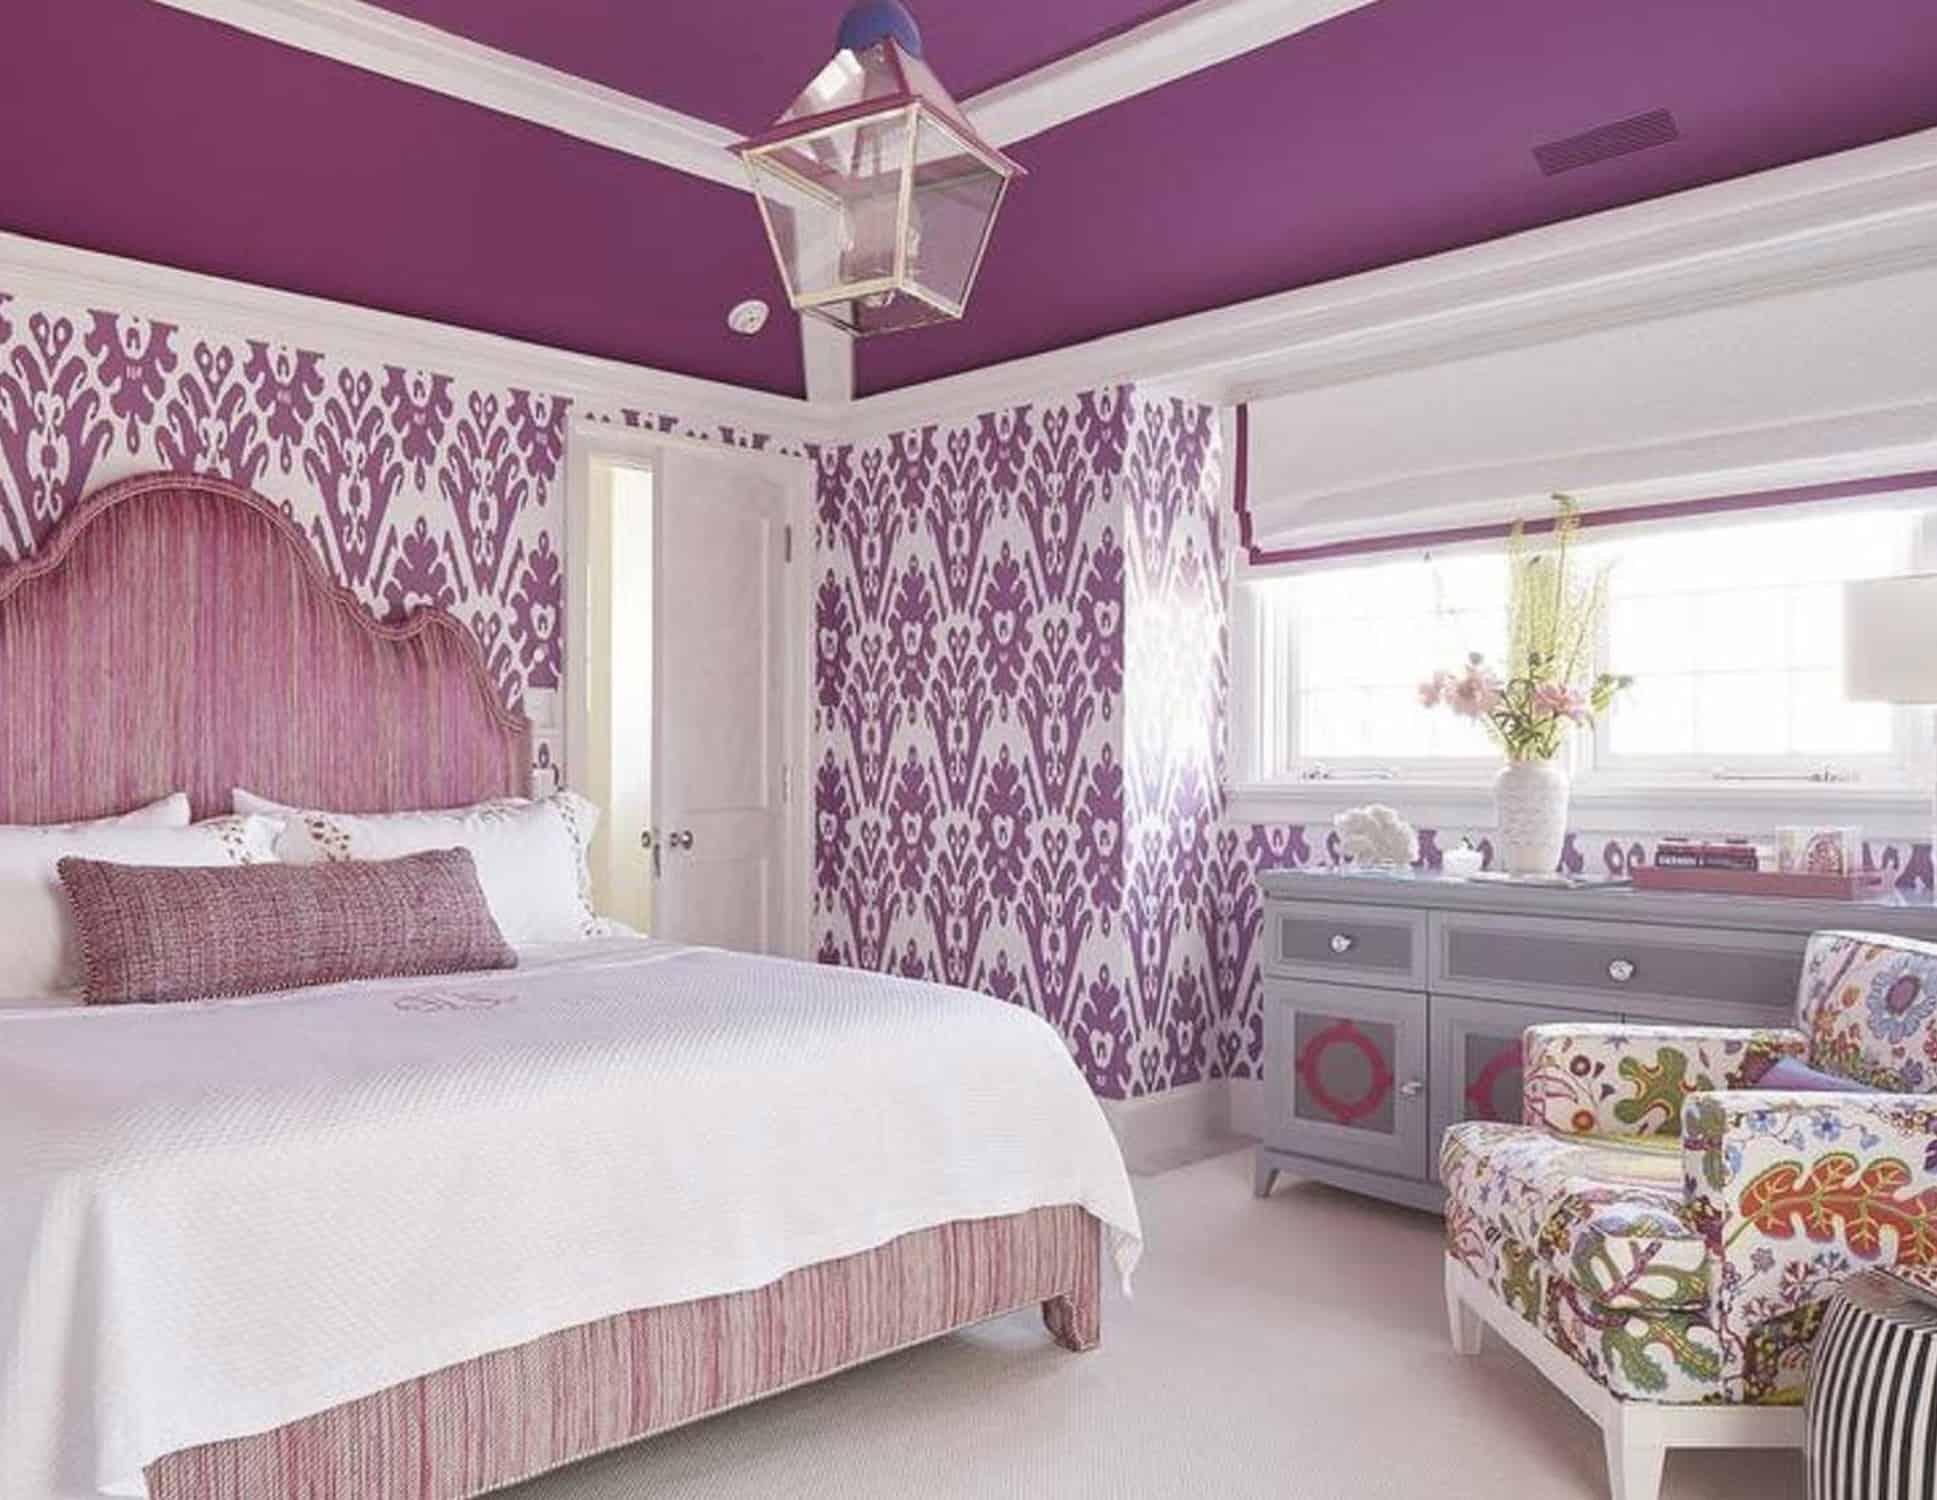 astounding luxury purple bedroom idea | 20 Amazing Purple Bedroom Ideas